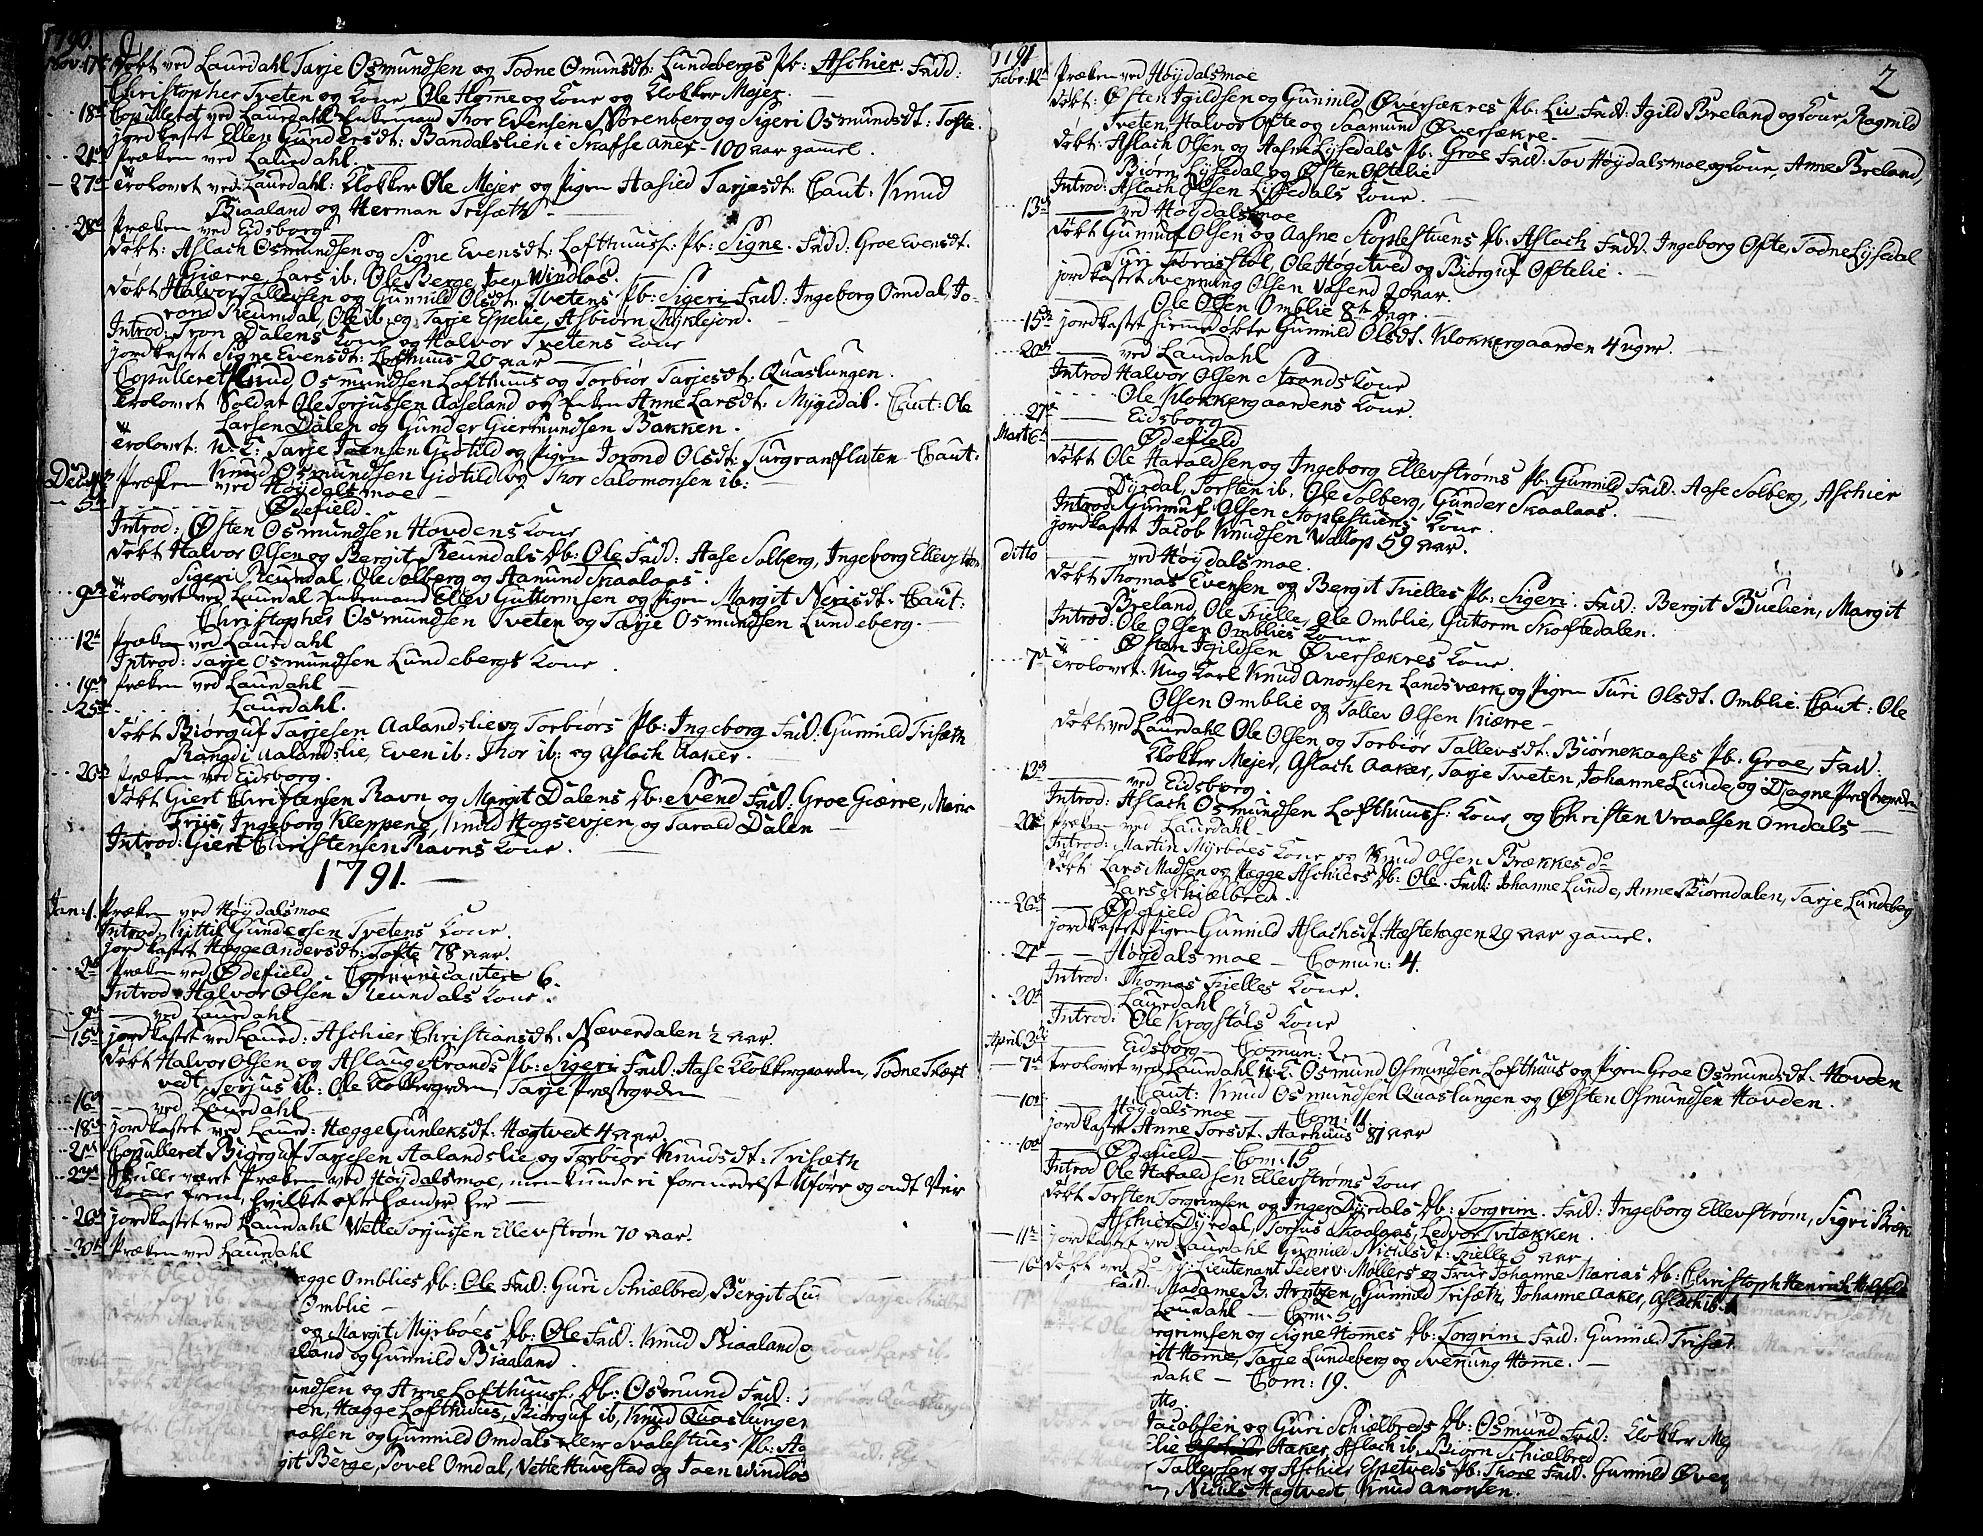 SAKO, Lårdal kirkebøker, F/Fa/L0004: Ministerialbok nr. I 4, 1790-1814, s. 2